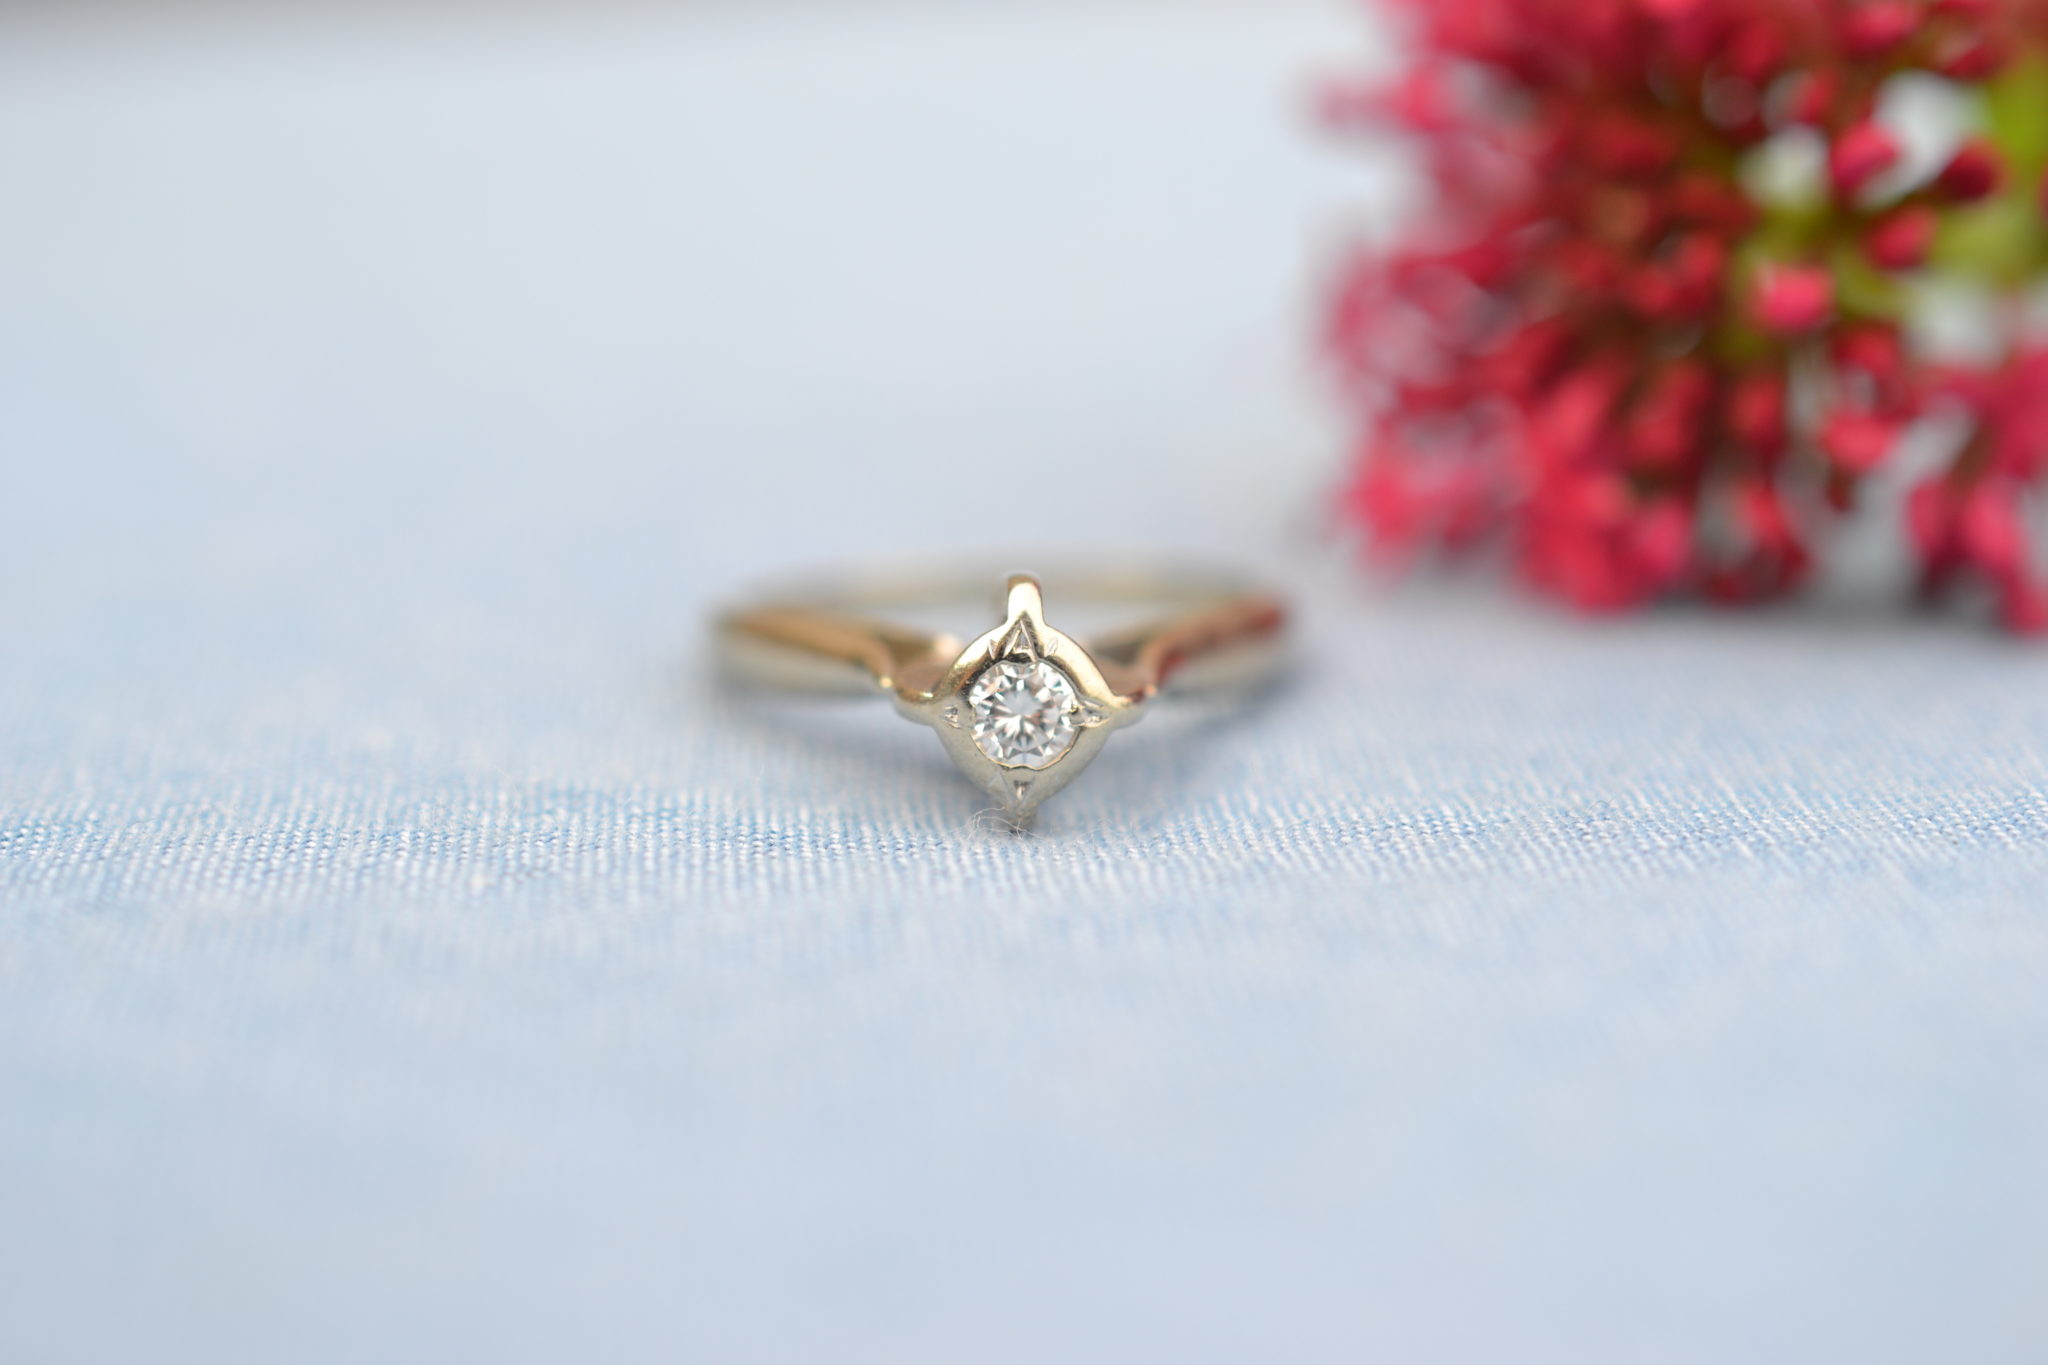 Bague En Or Blanc, Haute Monture En Forme De Losange Sertie D'un Diamant Central Bijou éthique(1)